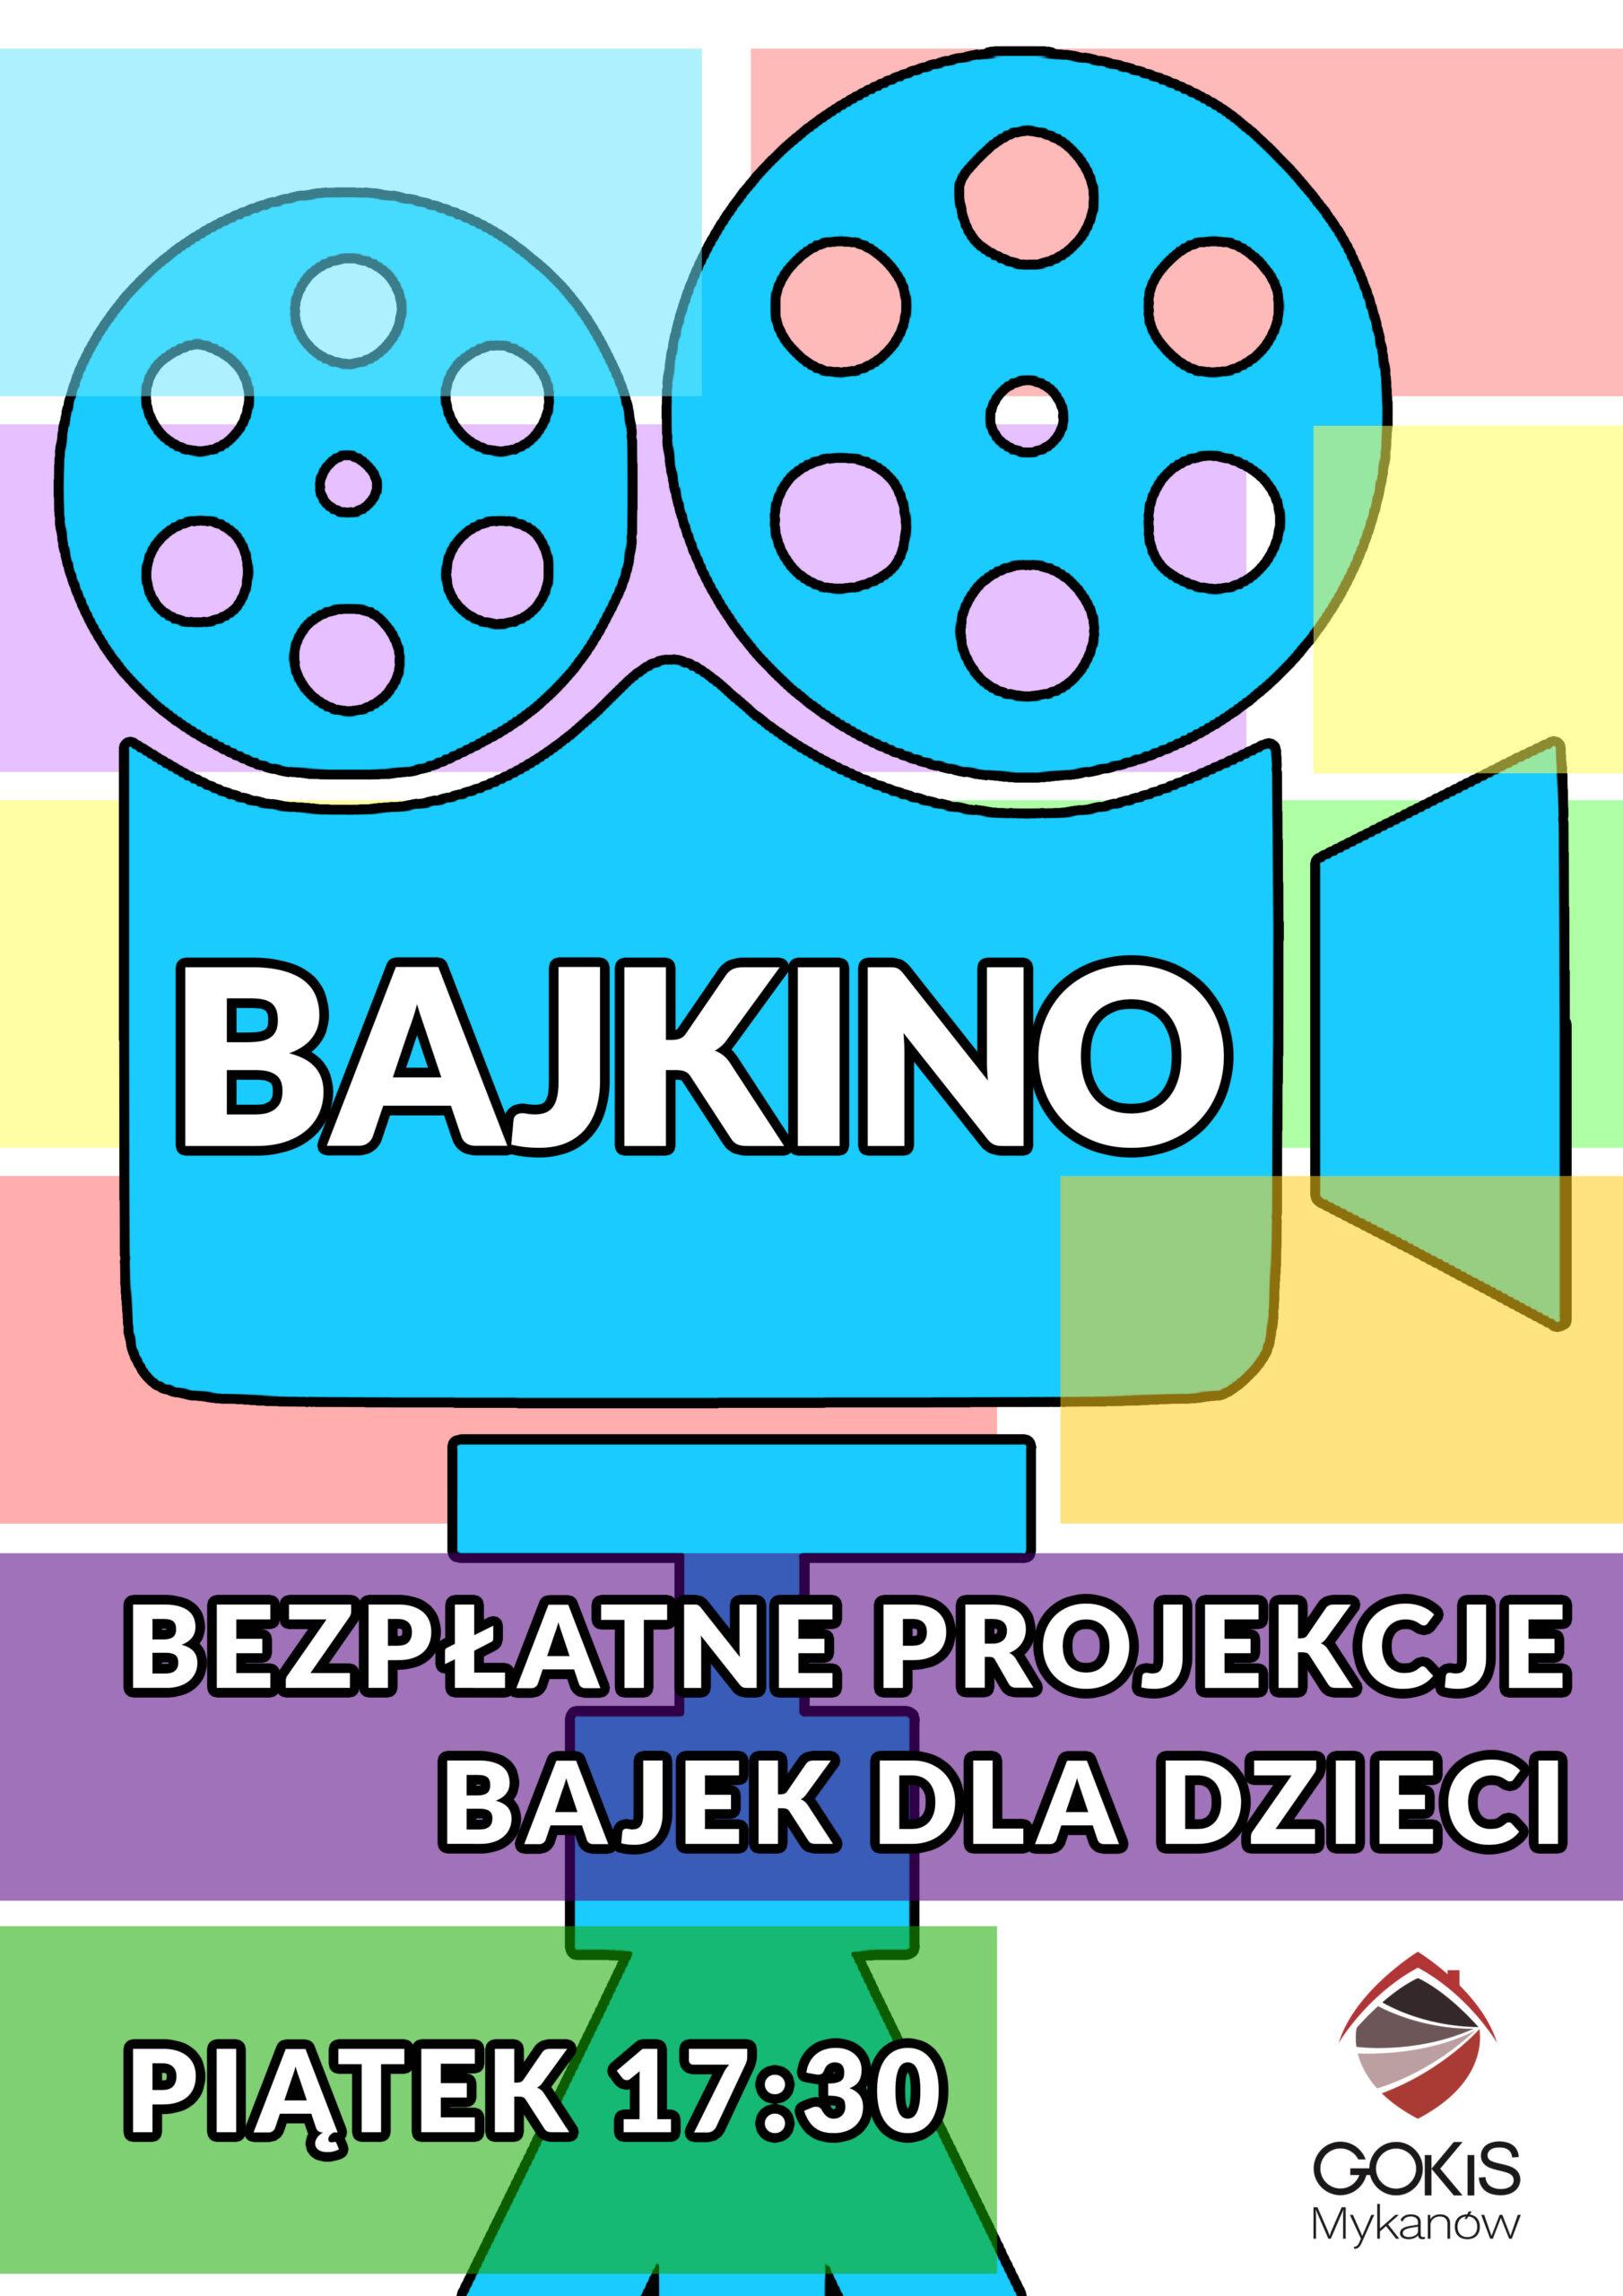 Zapraszamy do Bajkina